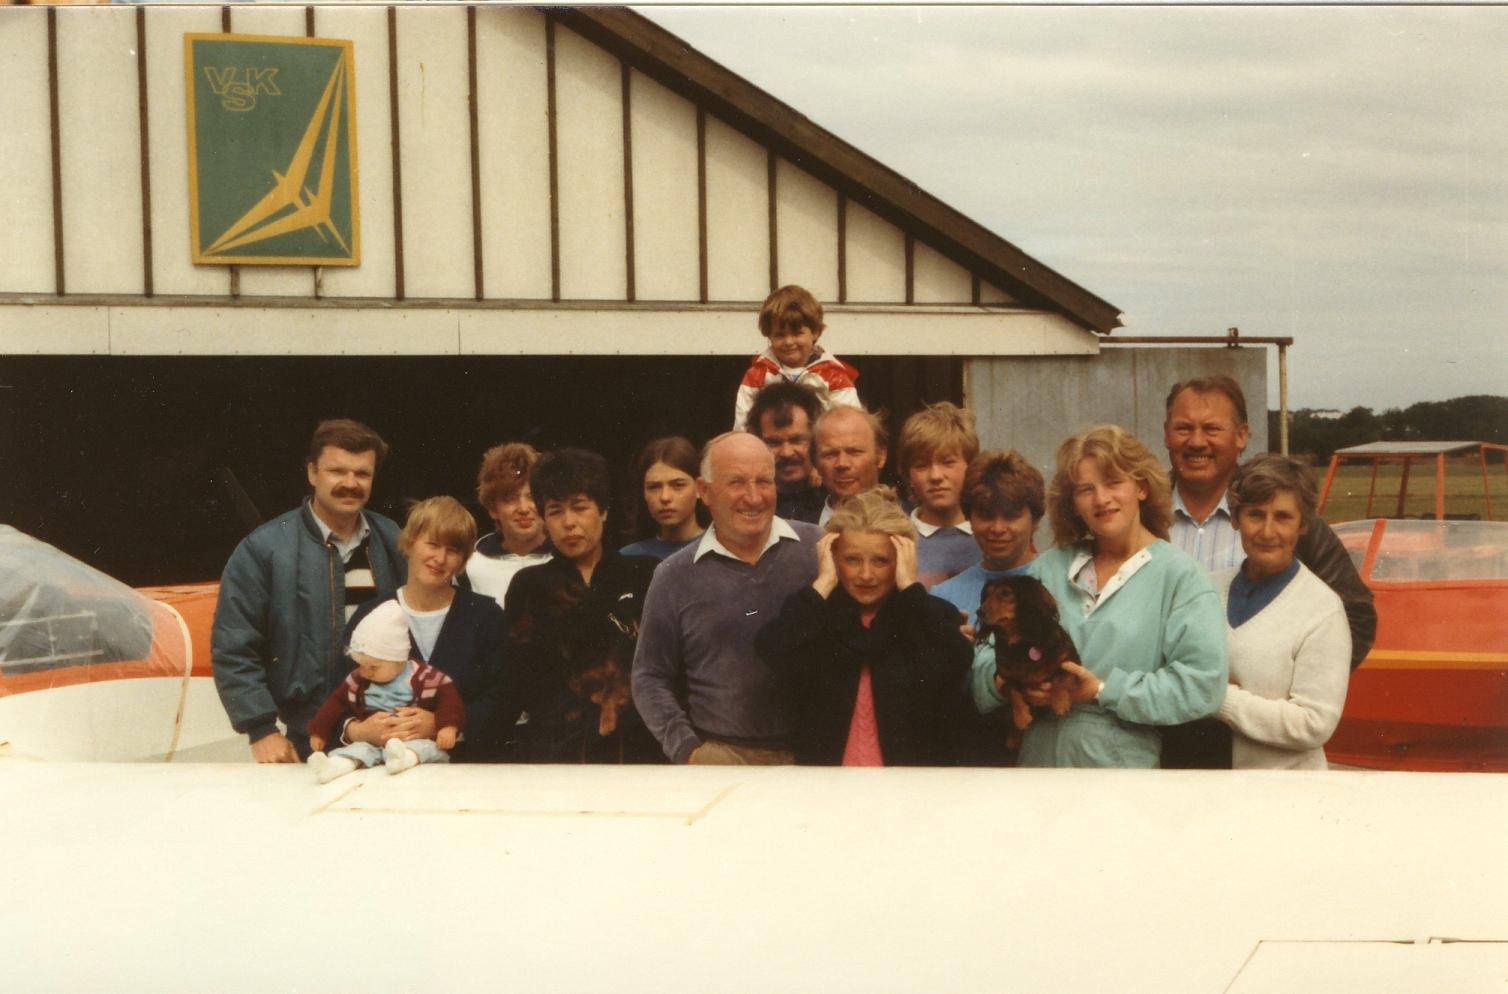 Die Mescheder Flieger in Vejle 1983